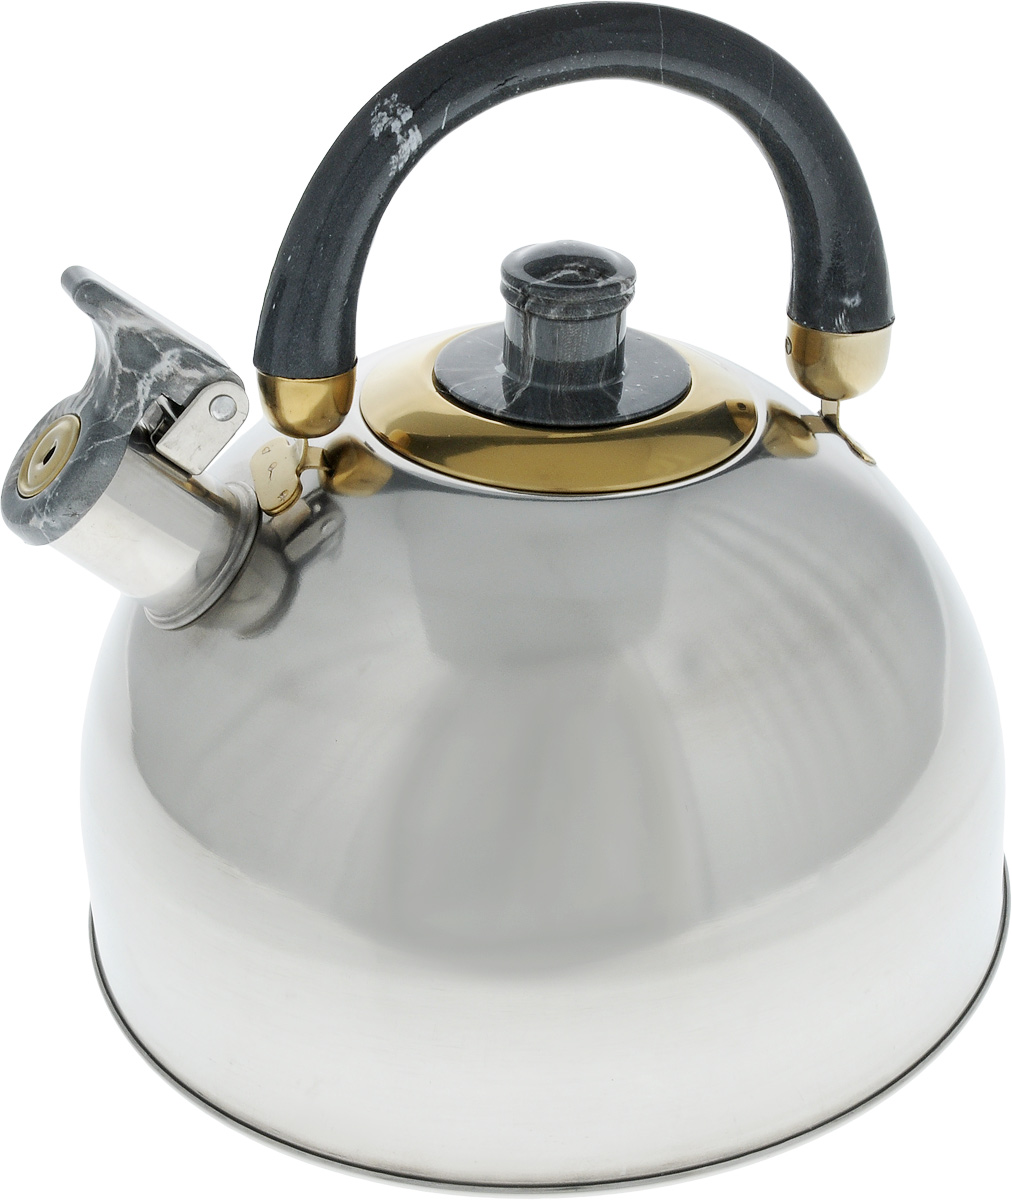 Чайник Bohmann Lite, со свистком, цвет: темно-серый, 4,5 л115510Чайник Bohmann Lite изготовлен из коррозионностойкой стали с зеркальной полировкой. Это материал, зарекомендовавший себя как идеально подходящий для изготовления кухонной посуды, столовых приборов и аксессуаров. Прочность, надежность, стойкость к кислотам и привлекательный внешний вид - основные свойства этого материала. Подвижная ручка, выполненная из термостойкого пластика под мрамор, обеспечивает комфортную эксплуатацию. Носик чайника оборудован свистком, который громким сигналом оповестит о закипании воды. Серия Lite - это посуда из стали, легкая и экономичная. Доступна для широкого круга потребителей, оптимальна по цене и качеству. Подходит для любой кухни, привлекательна по своим характеристикам, цене и практичности. Чайник подходит для электрических, газовых, галогеновых и стеклокерамических плит. Изделие можно мыть в посудомоечной машине. Диаметр (по верхнему краю): 8,5 см. Диаметр основания: 22 см. Высота чайника (без учета ручки и крышки): 12,5 см.